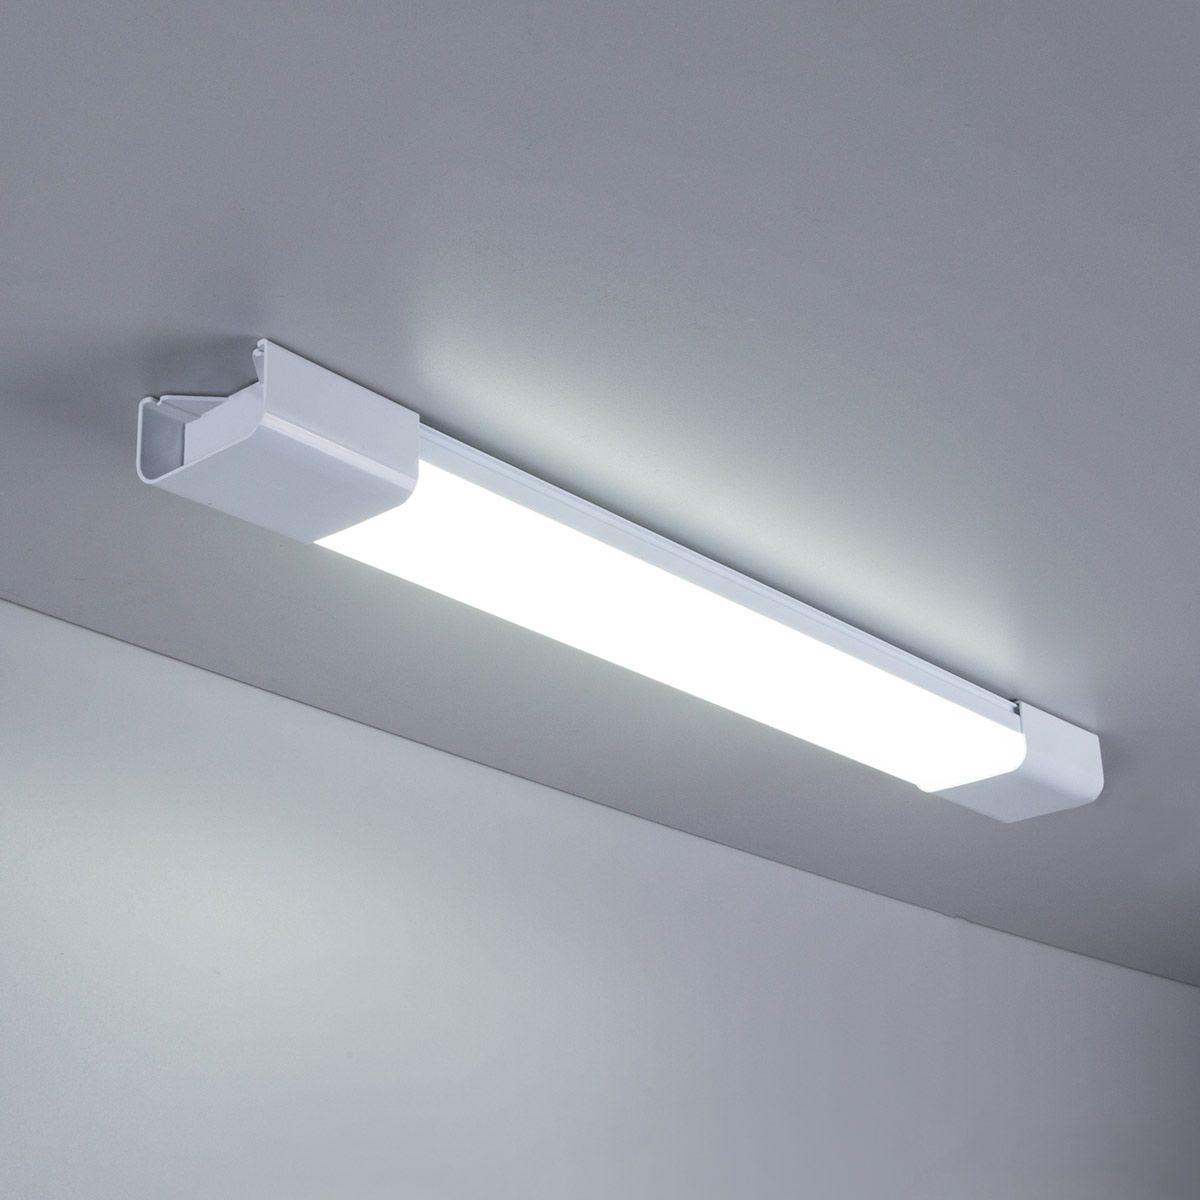 Пылевлагозащи<wbr>щенный светодиодный светильник 18 Вт 6500 K IP65 LTB0201D